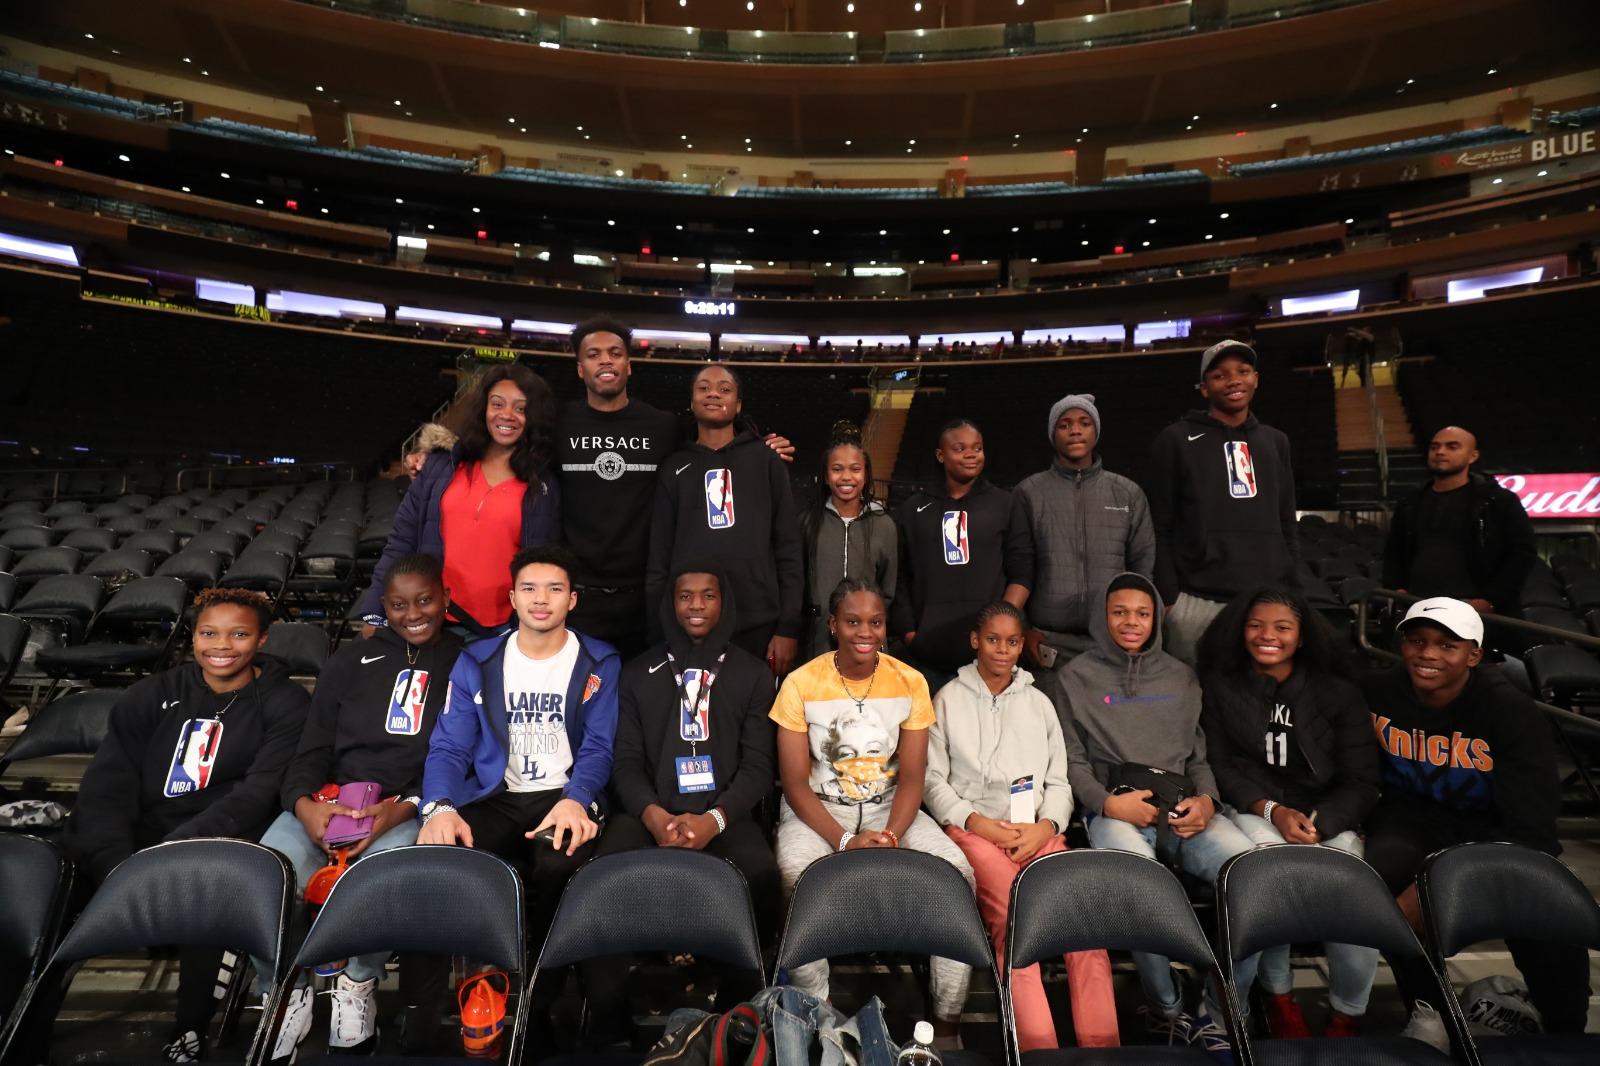 Les quatorze jeunes sélectionnés dans le cadre du programme Digicel NBA Jump Start 2019, à New York City. Crédit photo: NBAE/GETTY IMAGES